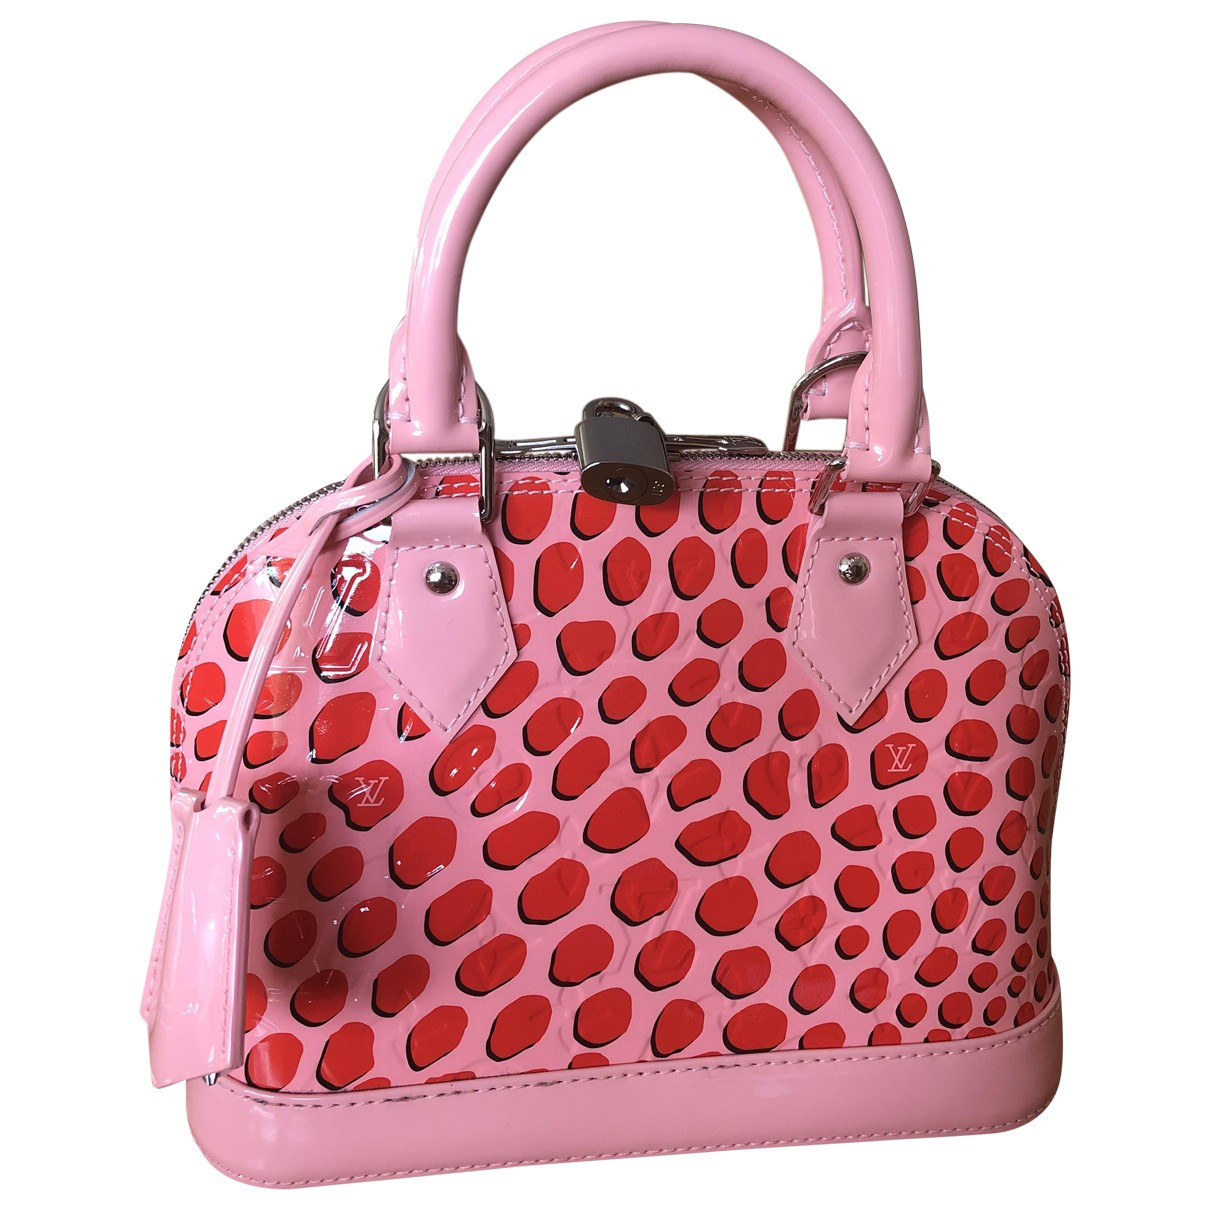 Louis Vuitton - Sac a main Alma BB pour femme en cuir verni - rose